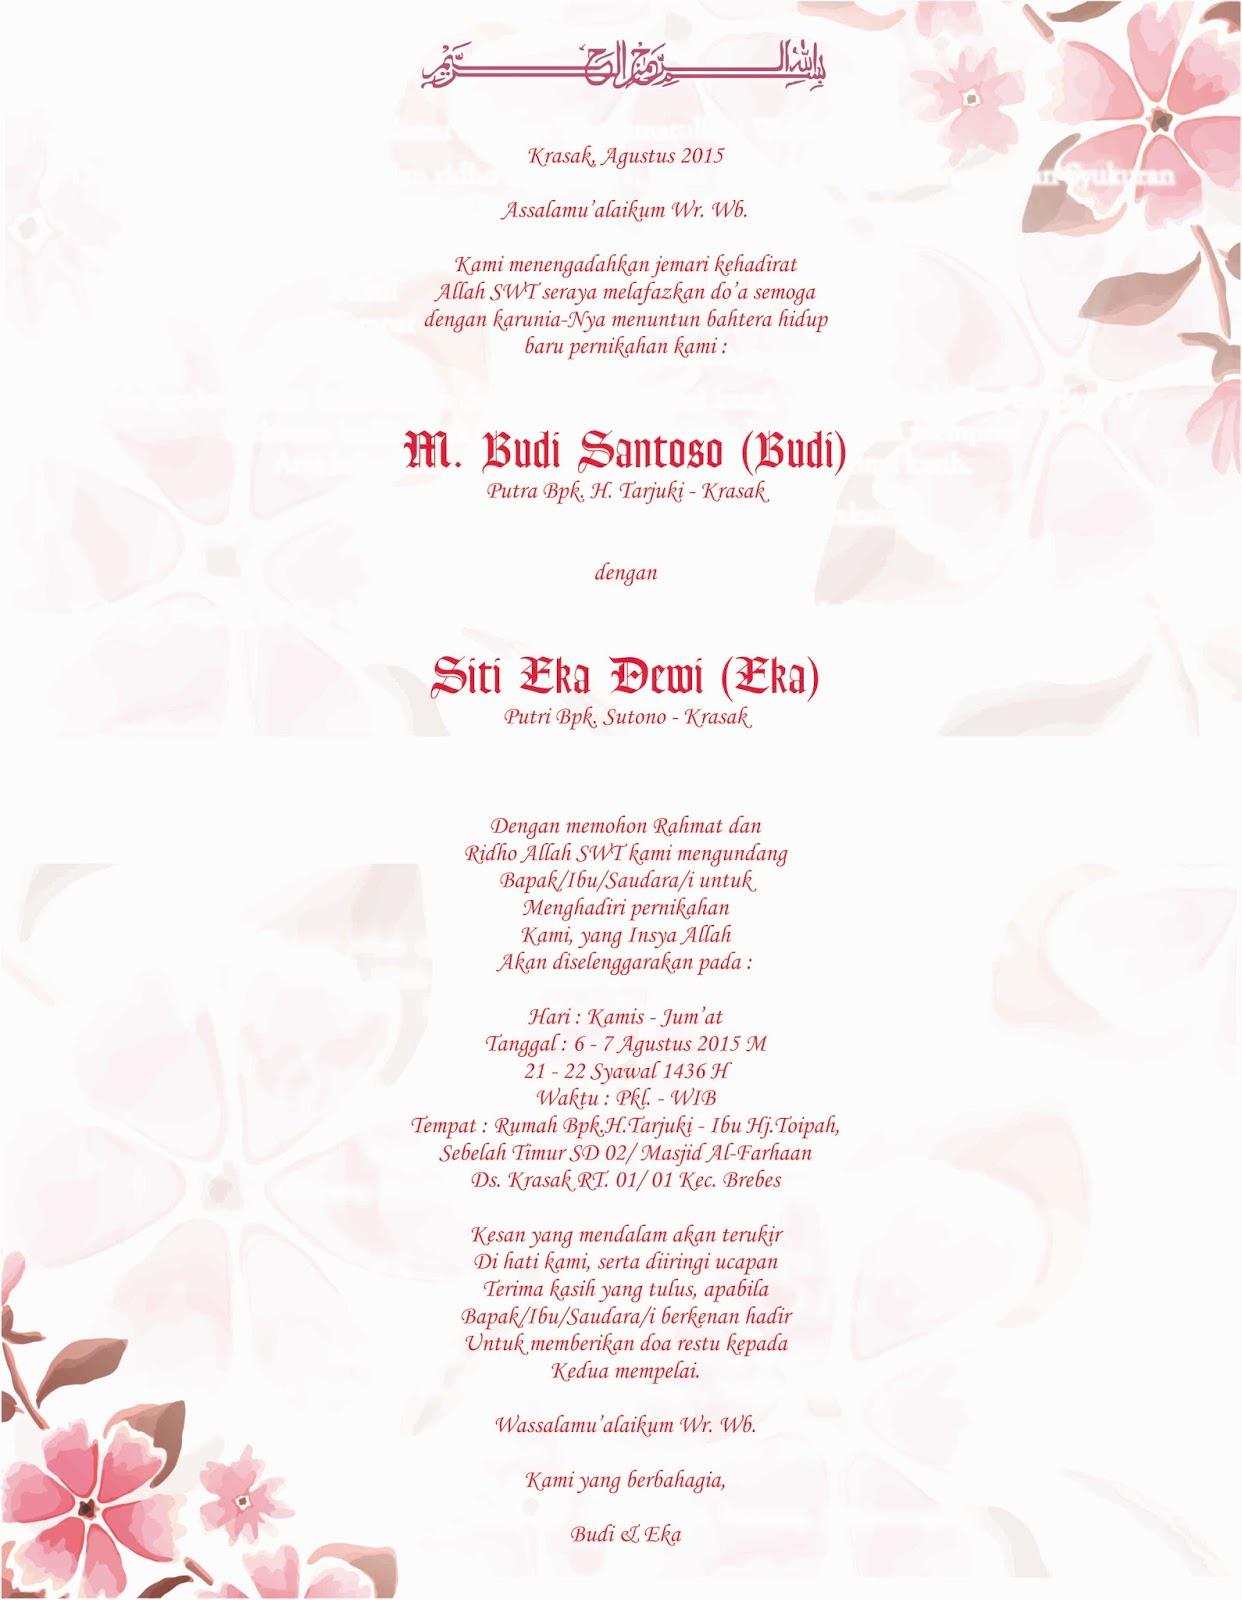 Download Gratis Desain Undangan Pernikahan Minimalis Brilliantpast